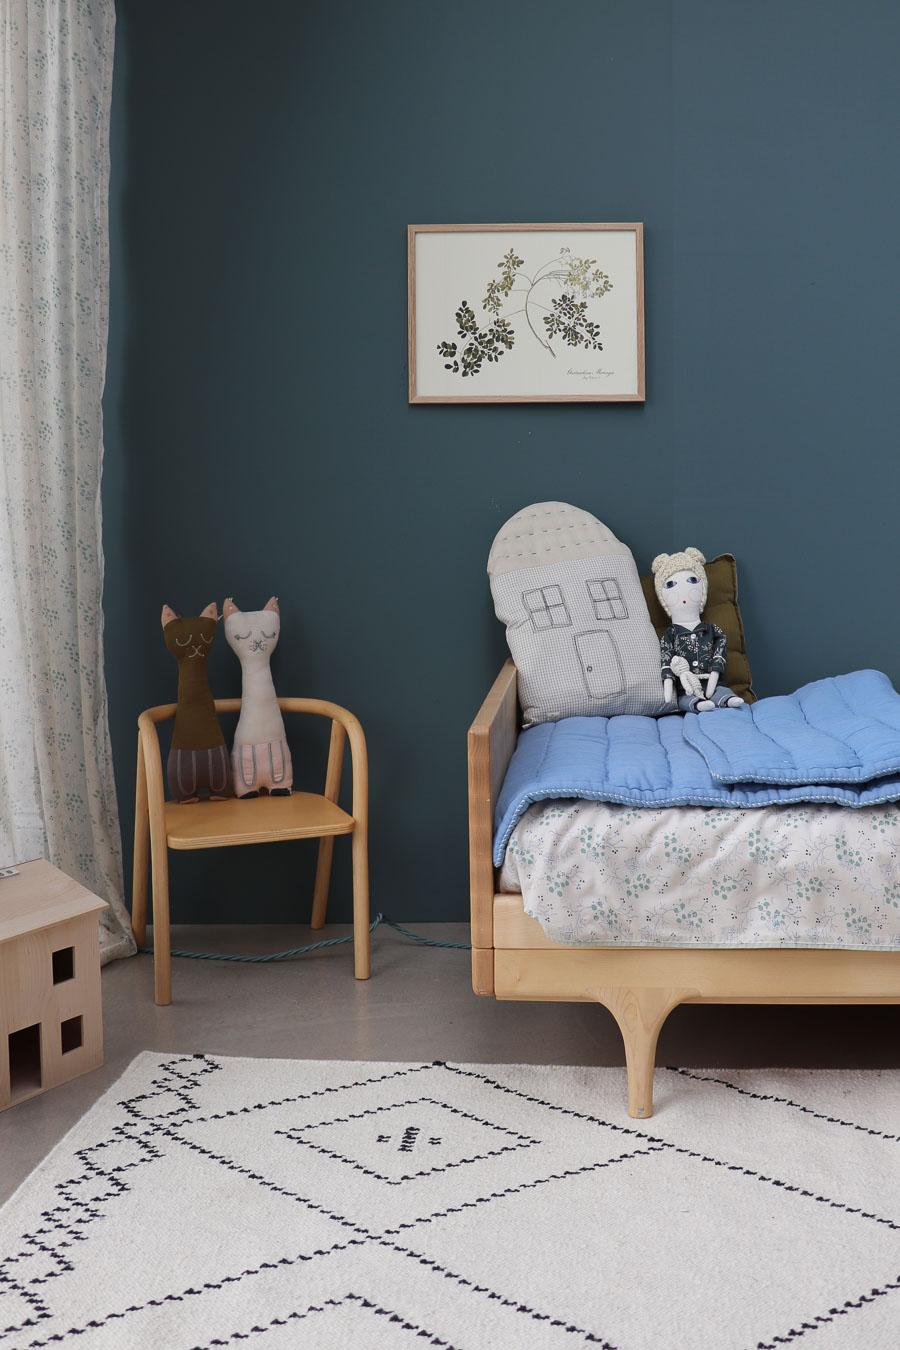 Camomile London: Die schönste Kinder Bettwäsche #kinderzimmer #schlafzimmer #kidsroom